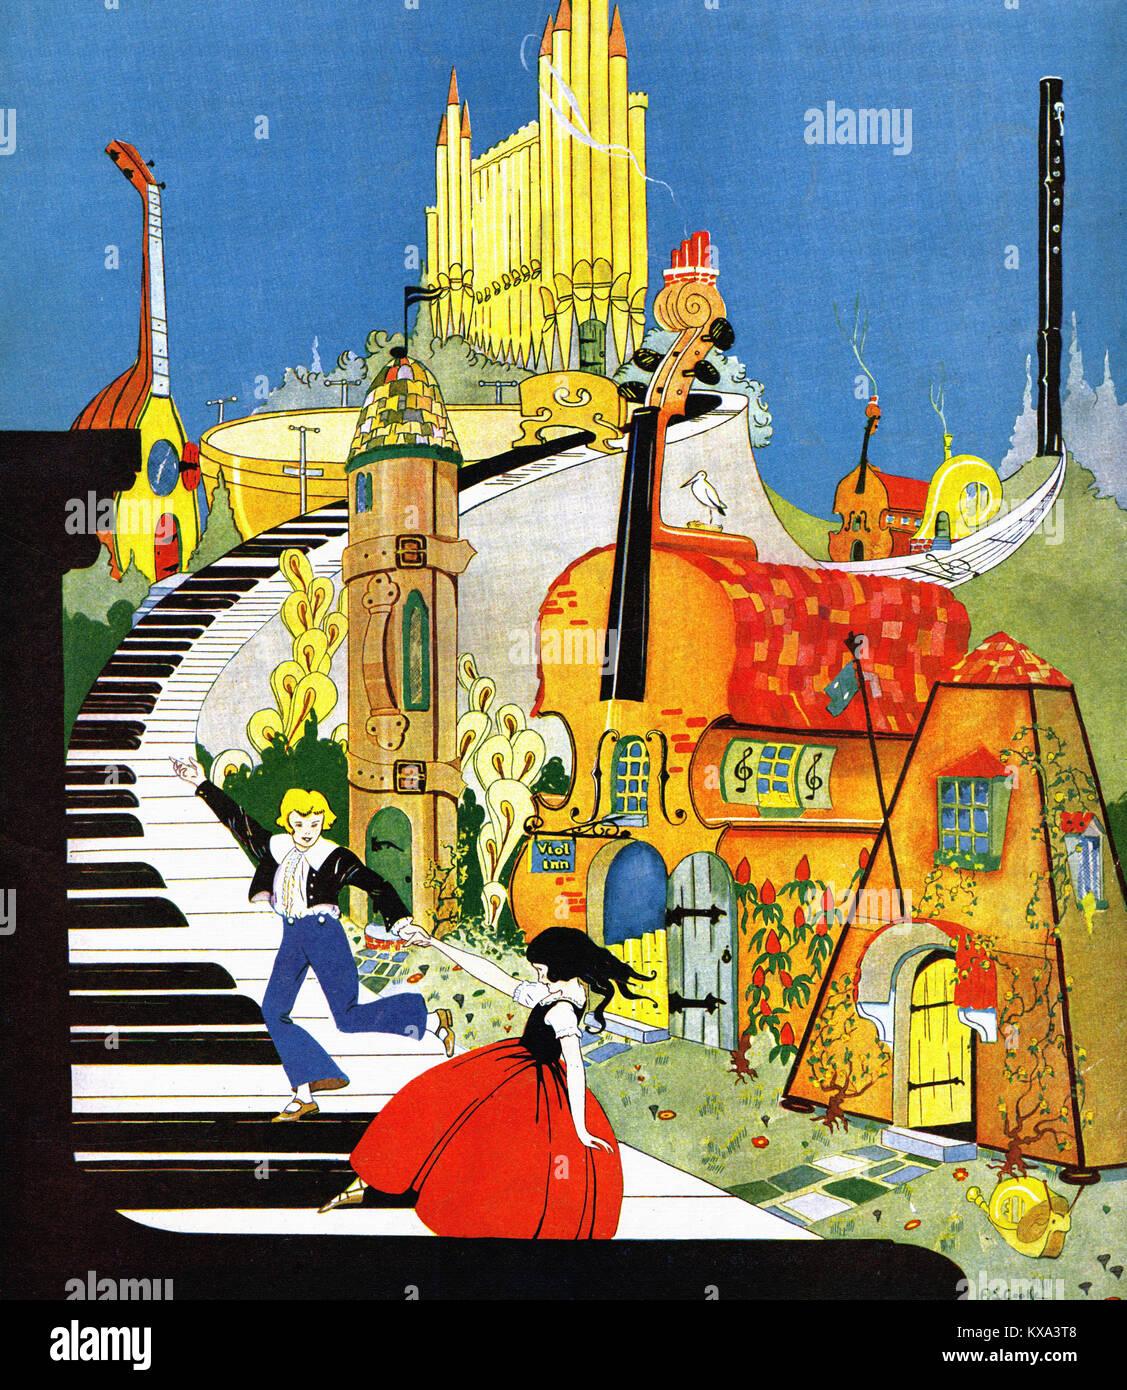 La fantasía de dibujos animados sobre un piano Imagen De Stock